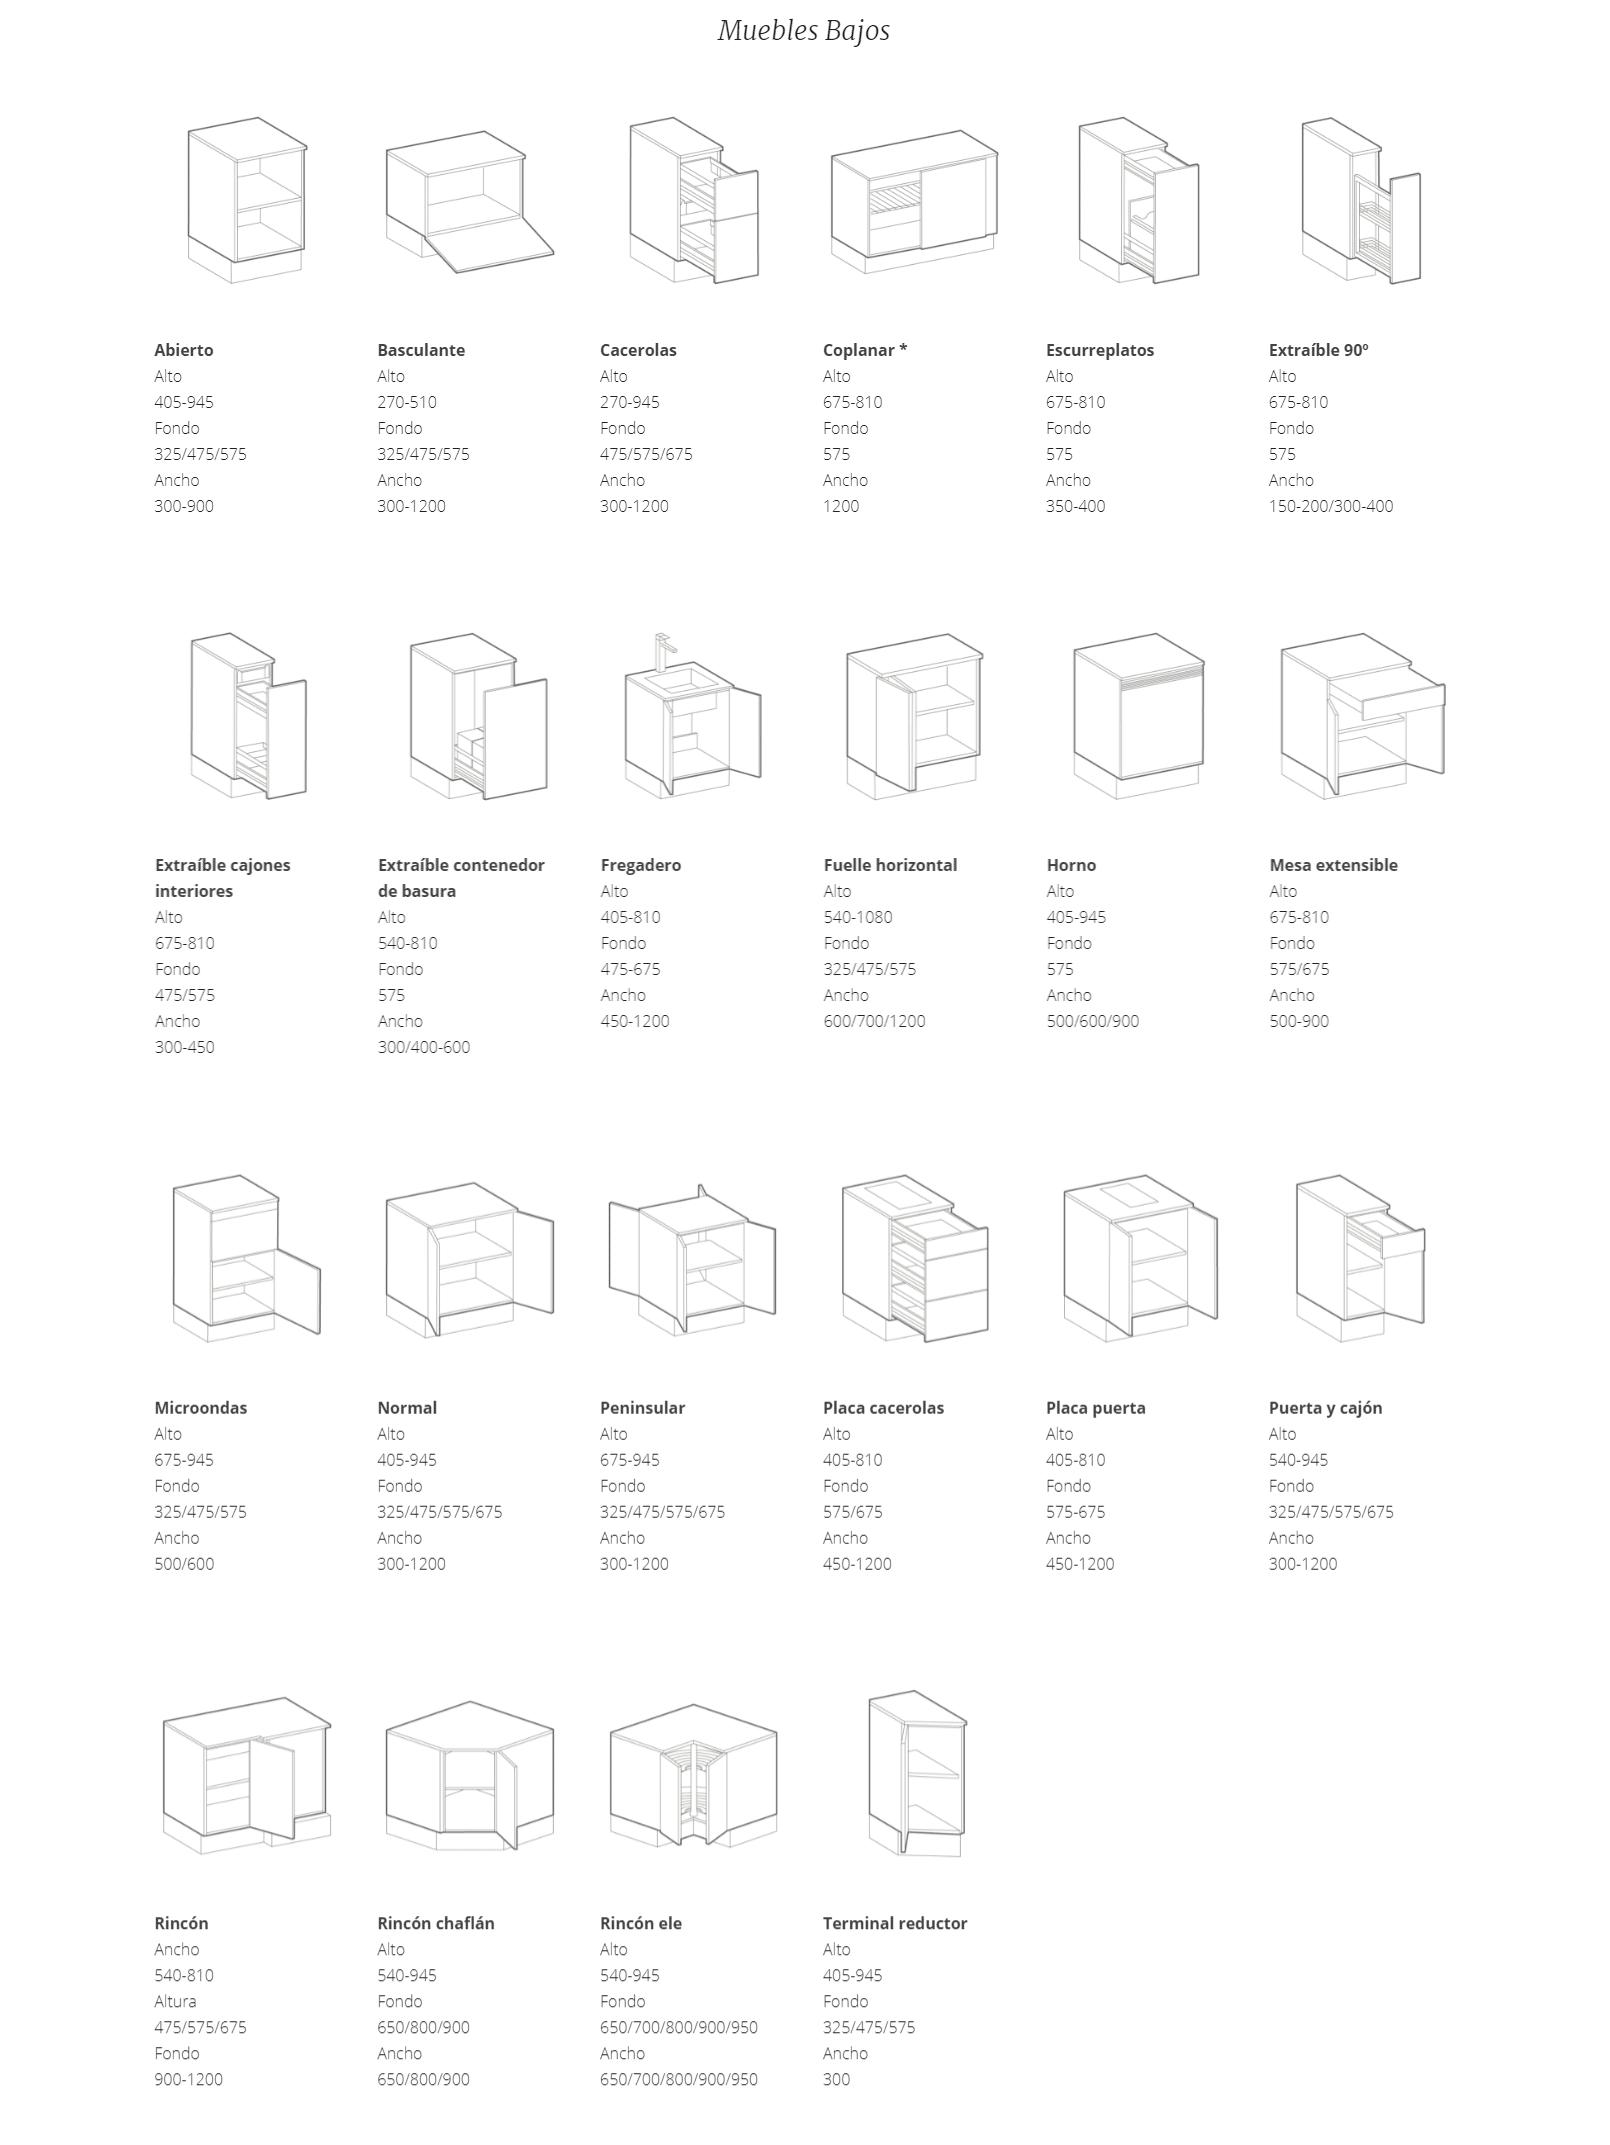 Tipologías de muebles bajos de la fábrica Senssia